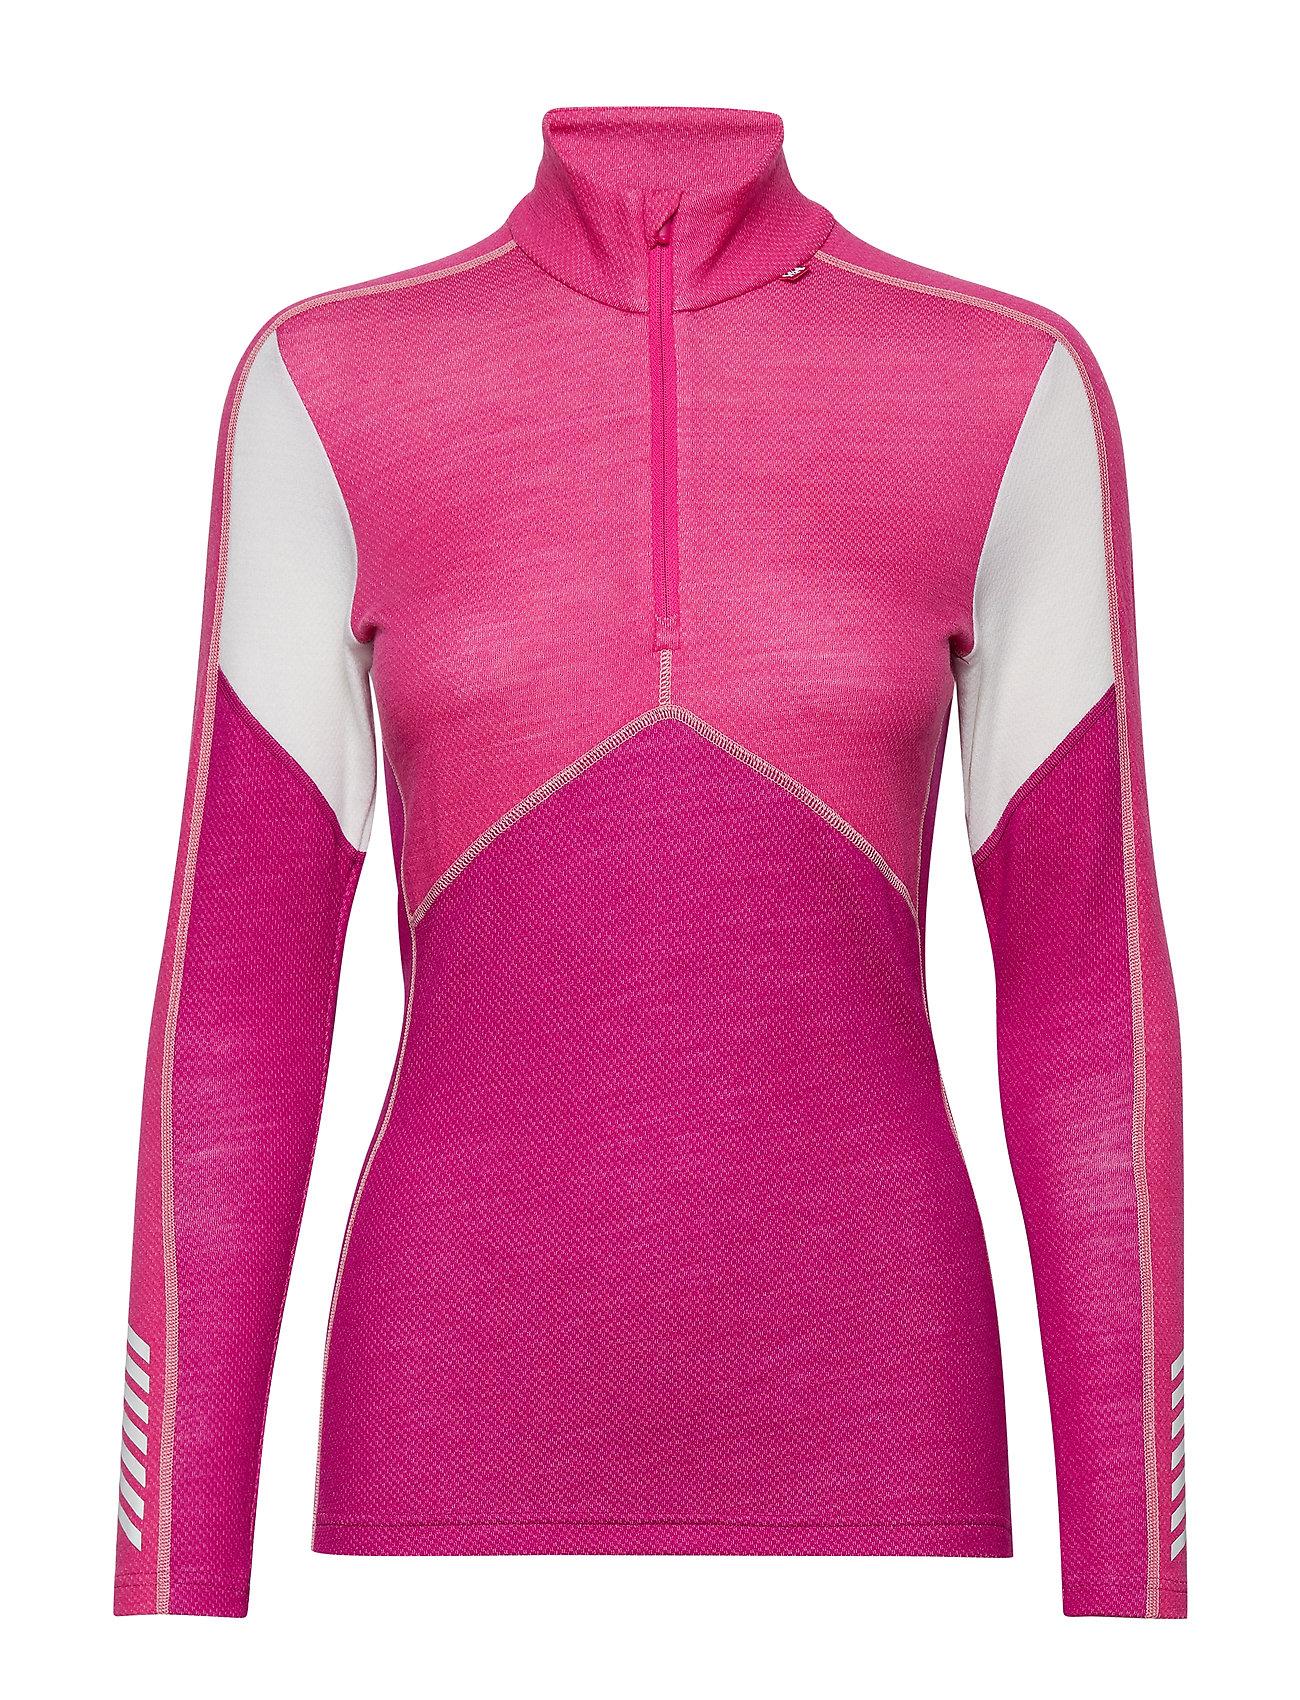 HELLY HANSEN W Hh Lifa Merino 1/2 Zip Base Layer Tops Pink HELLY HANSEN